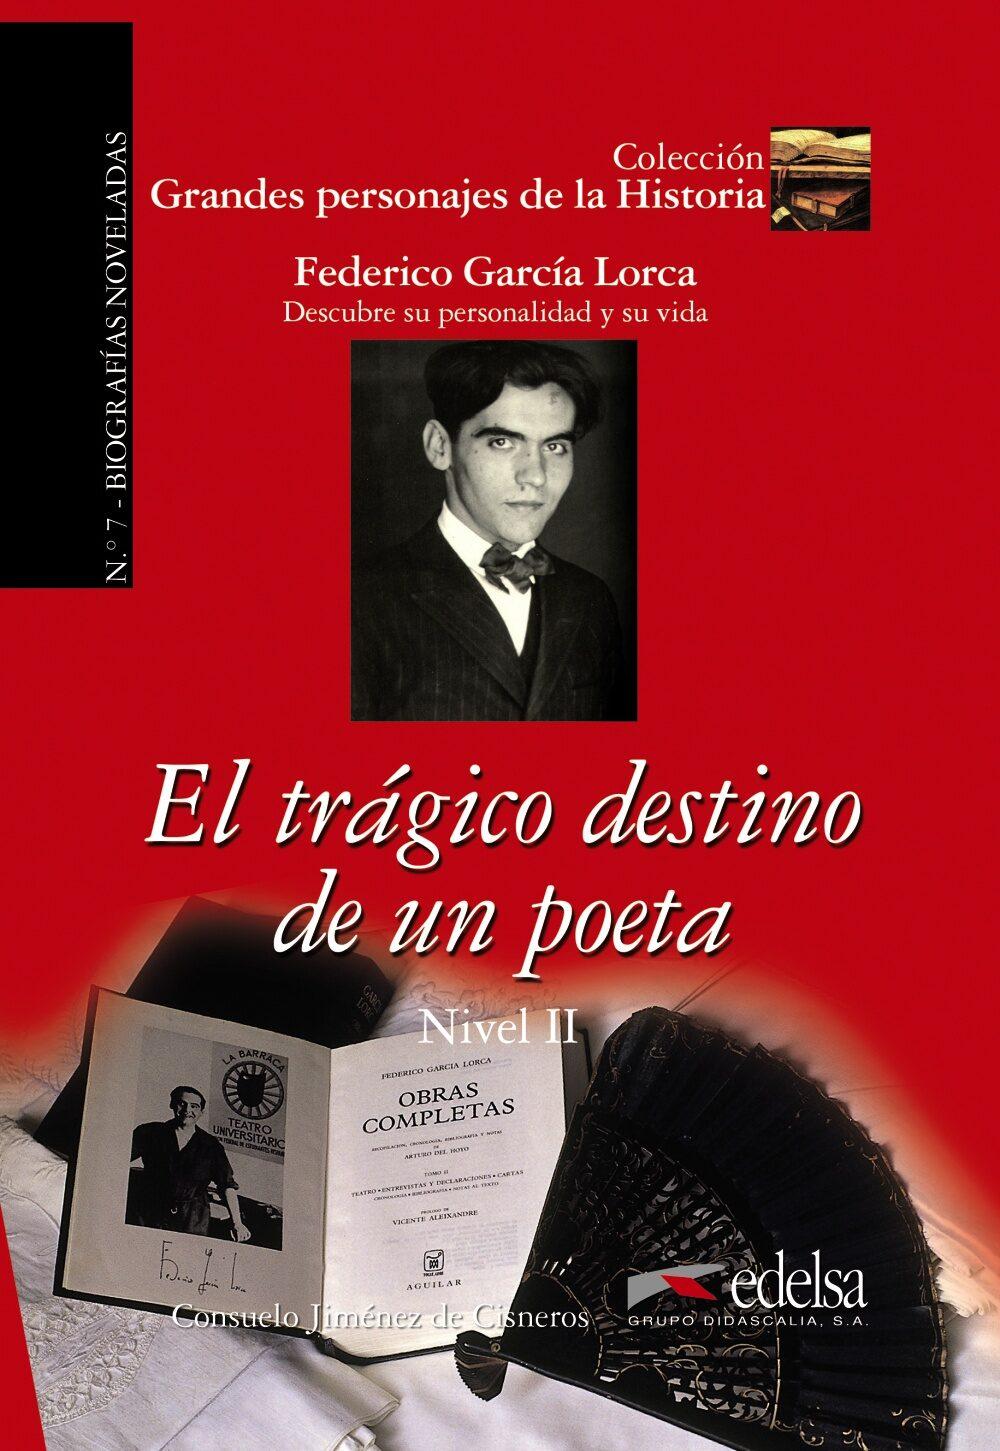 el tragico destino de un poeta: federico garcia lorca - descubre su personalidad y su vida-consuelo jimenez de cisneros-9788477116394